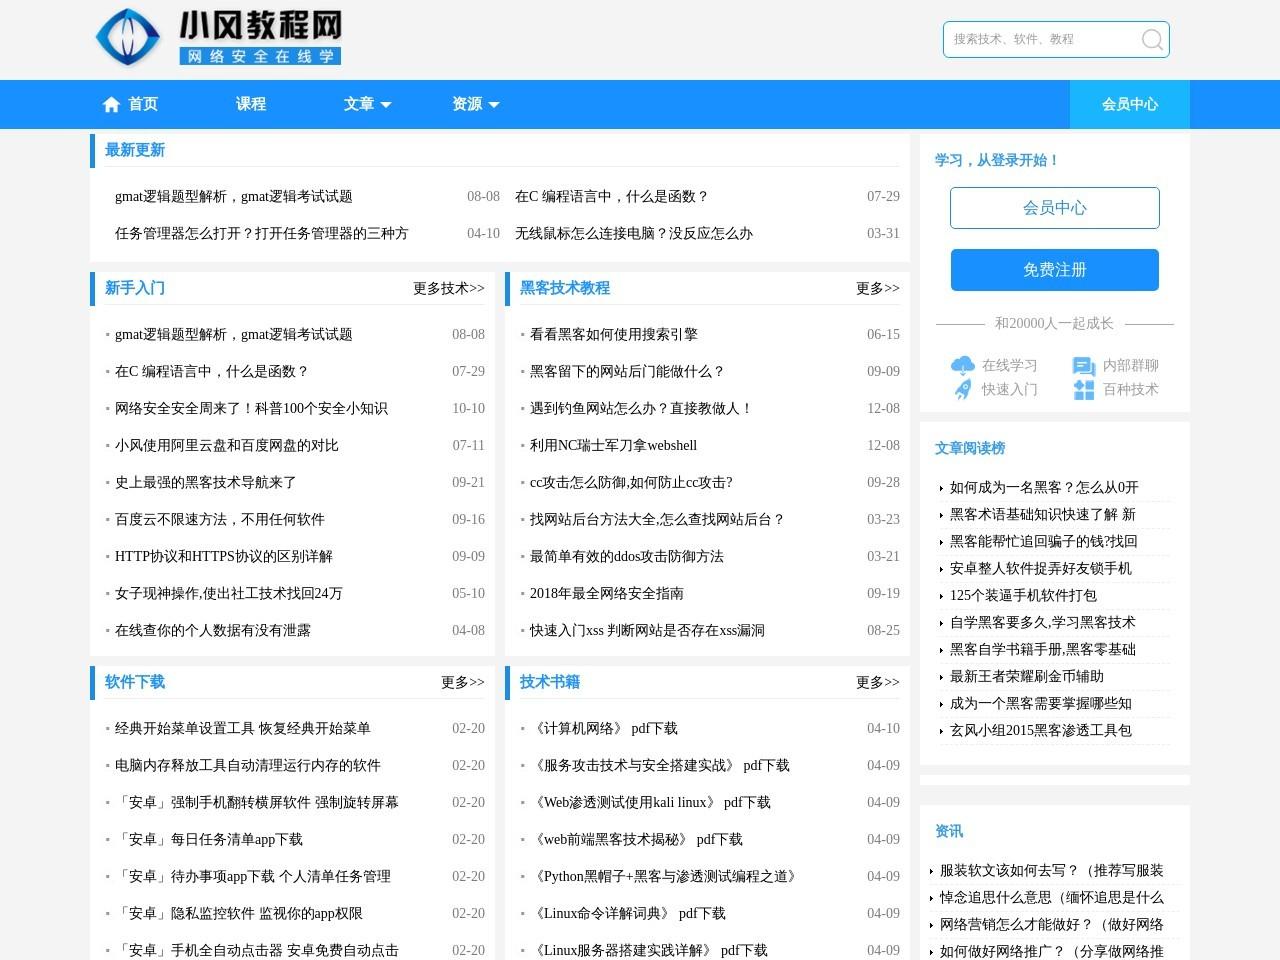 小风教程网-免费黑客网_黑客技术教程_黑客软件工具